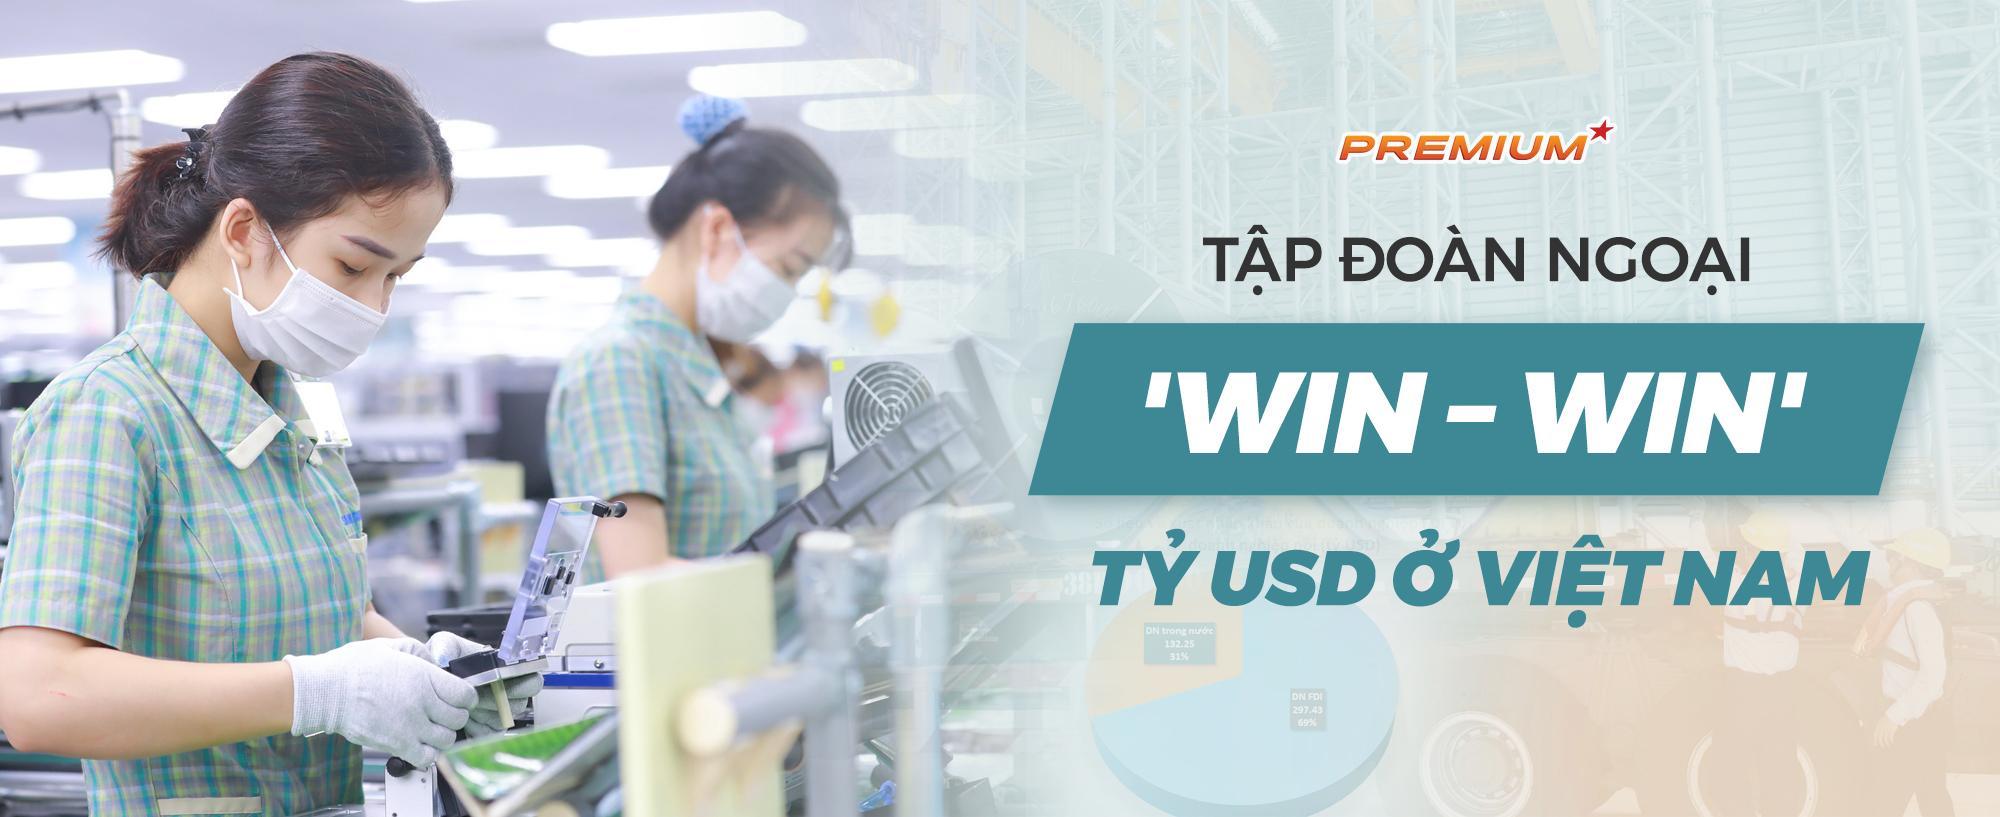 Tập đoàn ngoại 'Win – Win' tỷ USD ở Việt Nam